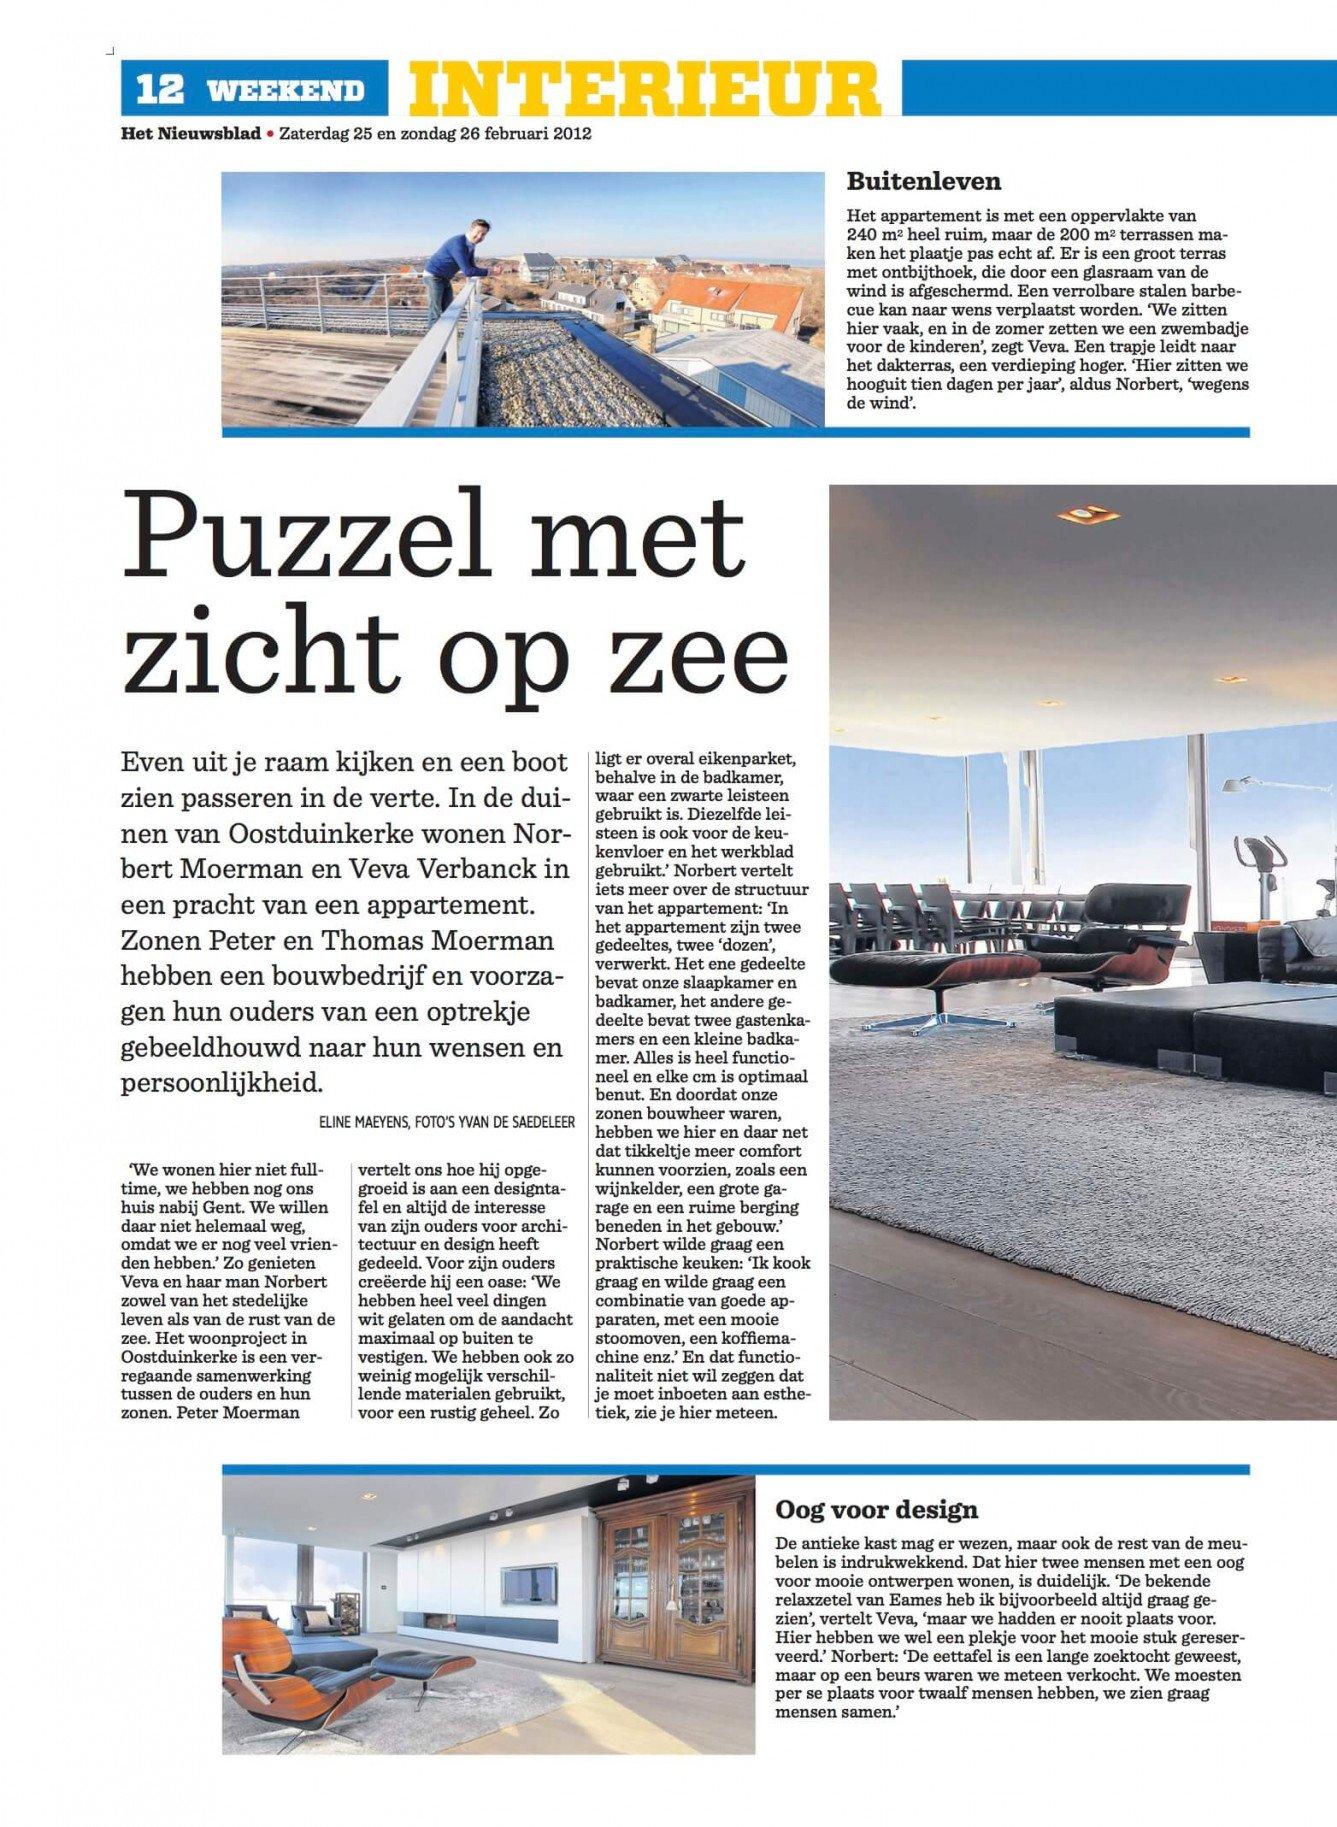 Het nieuwblad - interieur 1